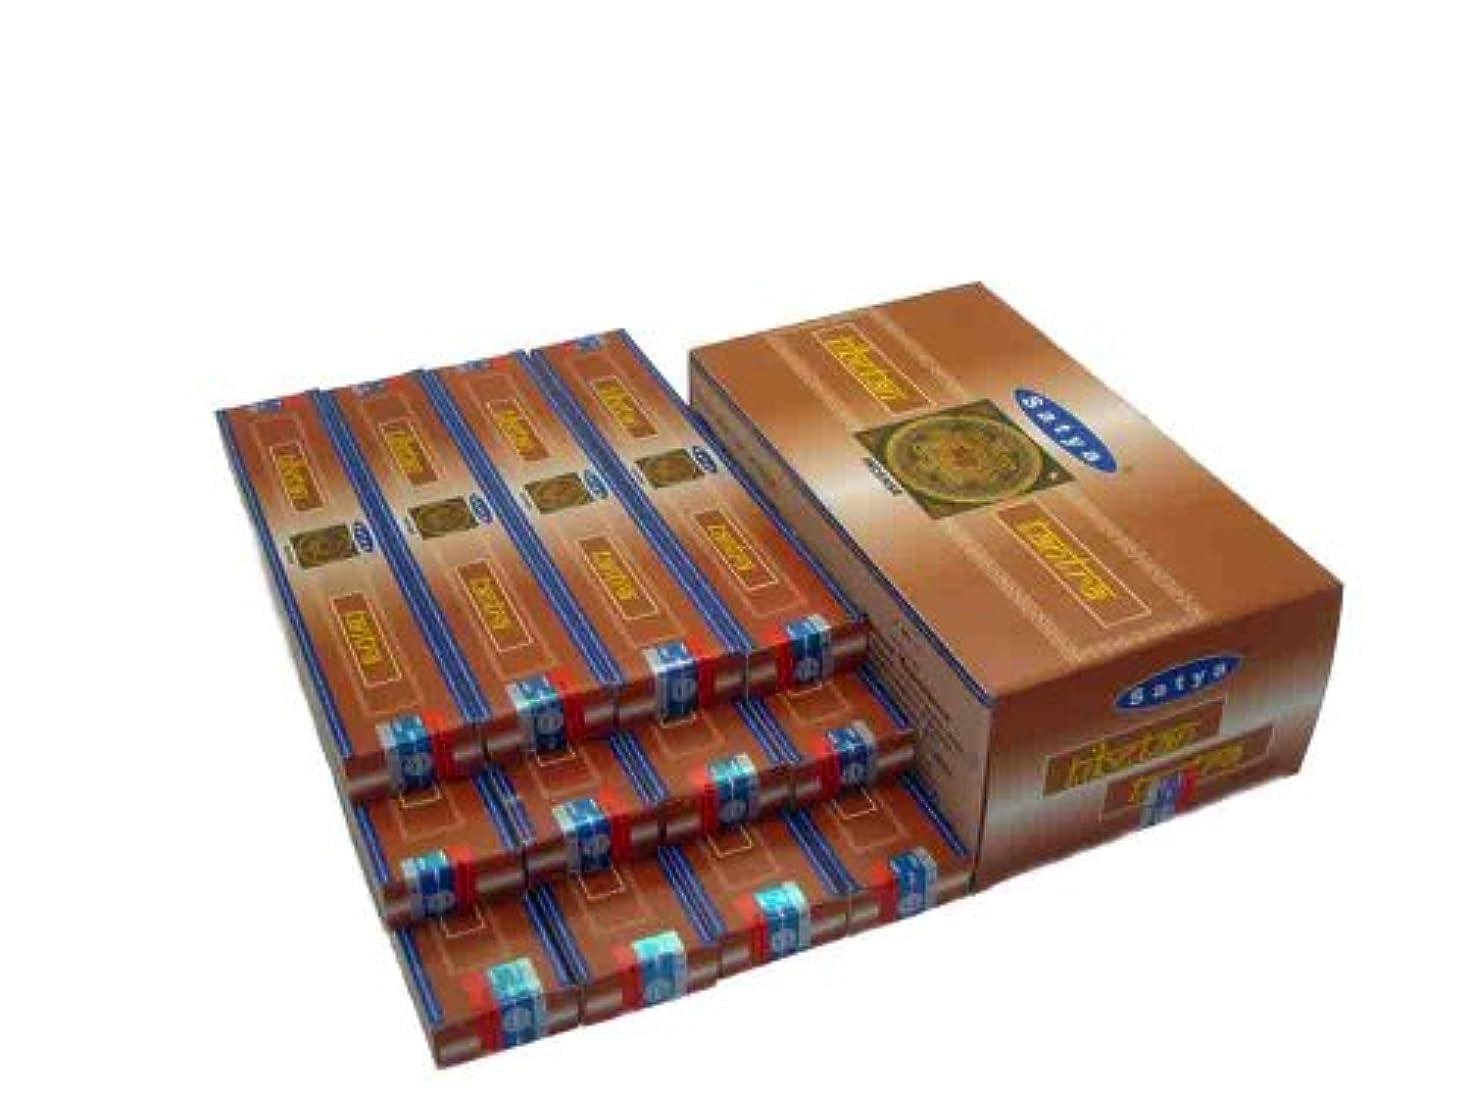 雰囲気カラス広げるチベットTantra – ボックスof 12パックの15グラム各 – Satya Sai Baba Incense Sticks